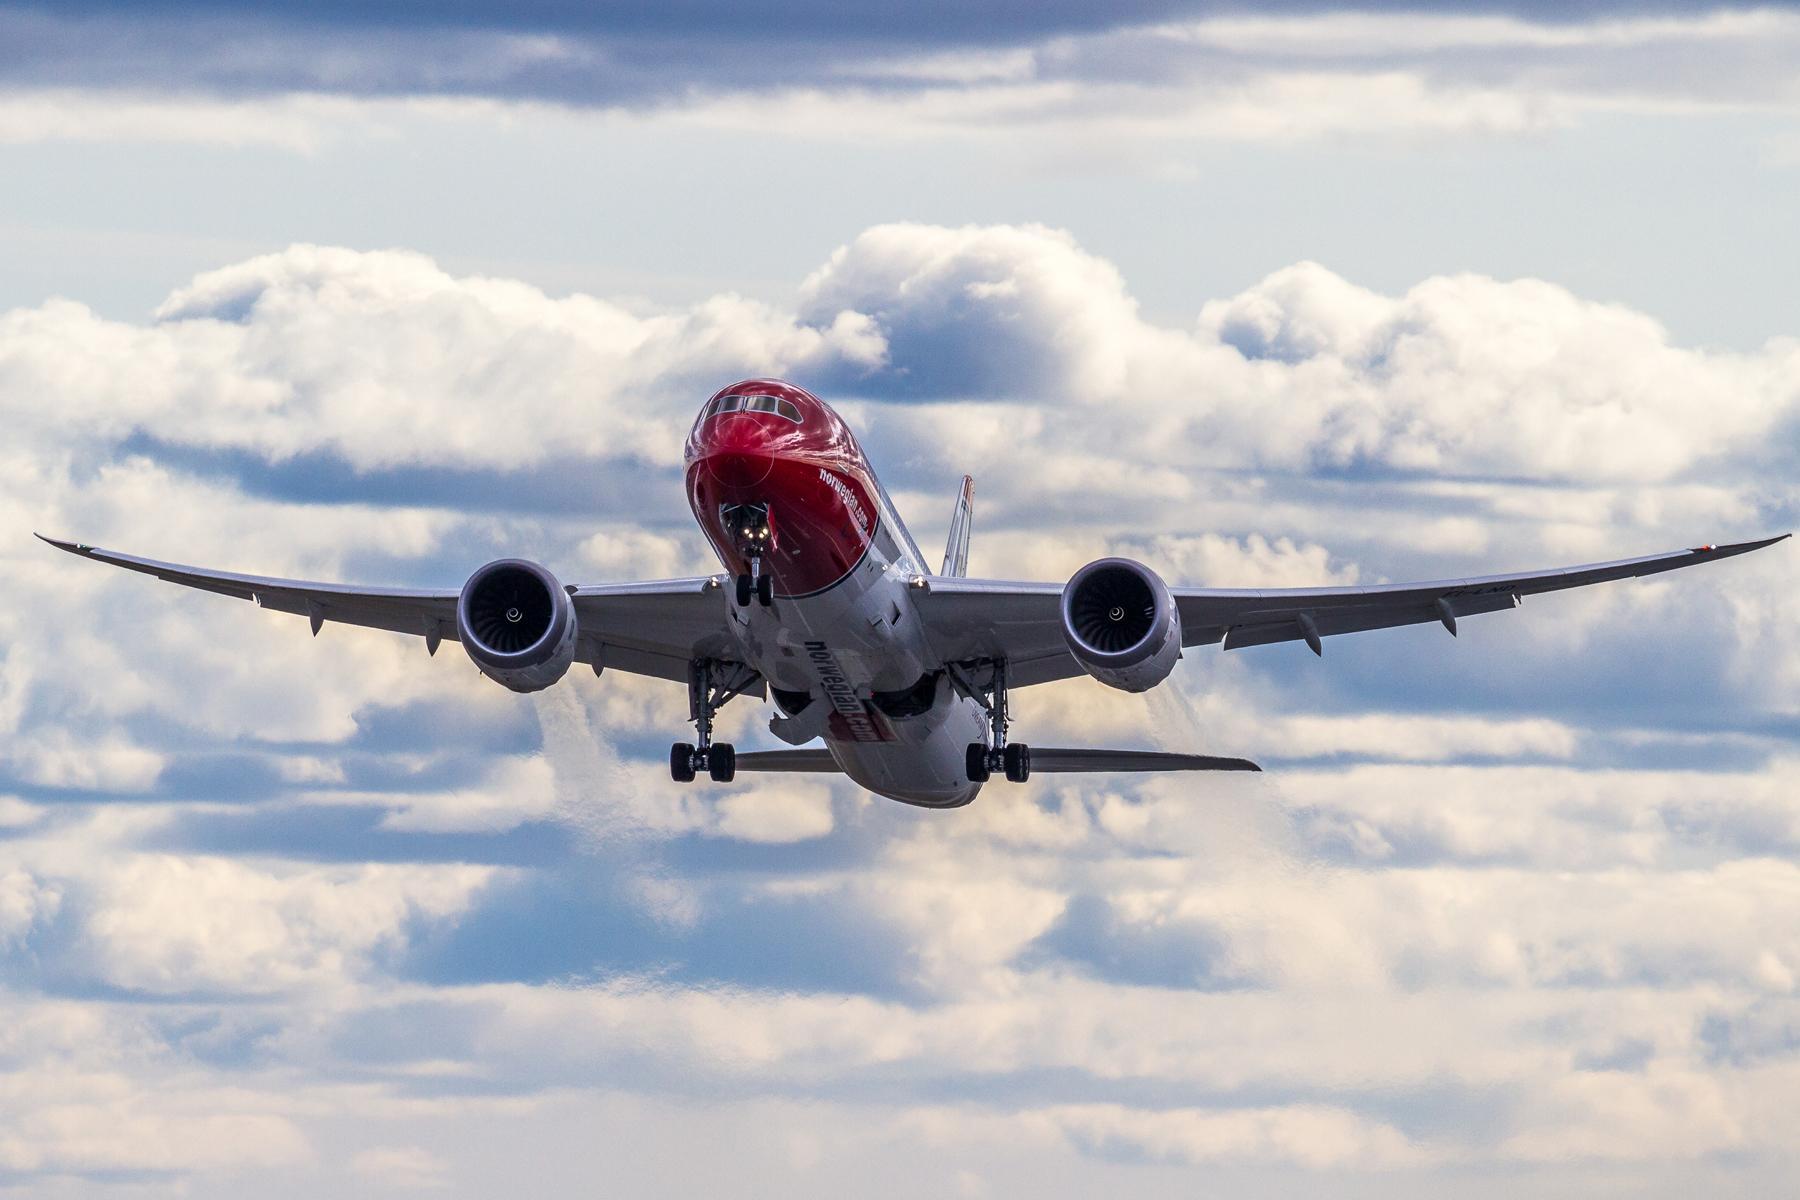 Resultado de imagen para low cost airport europe